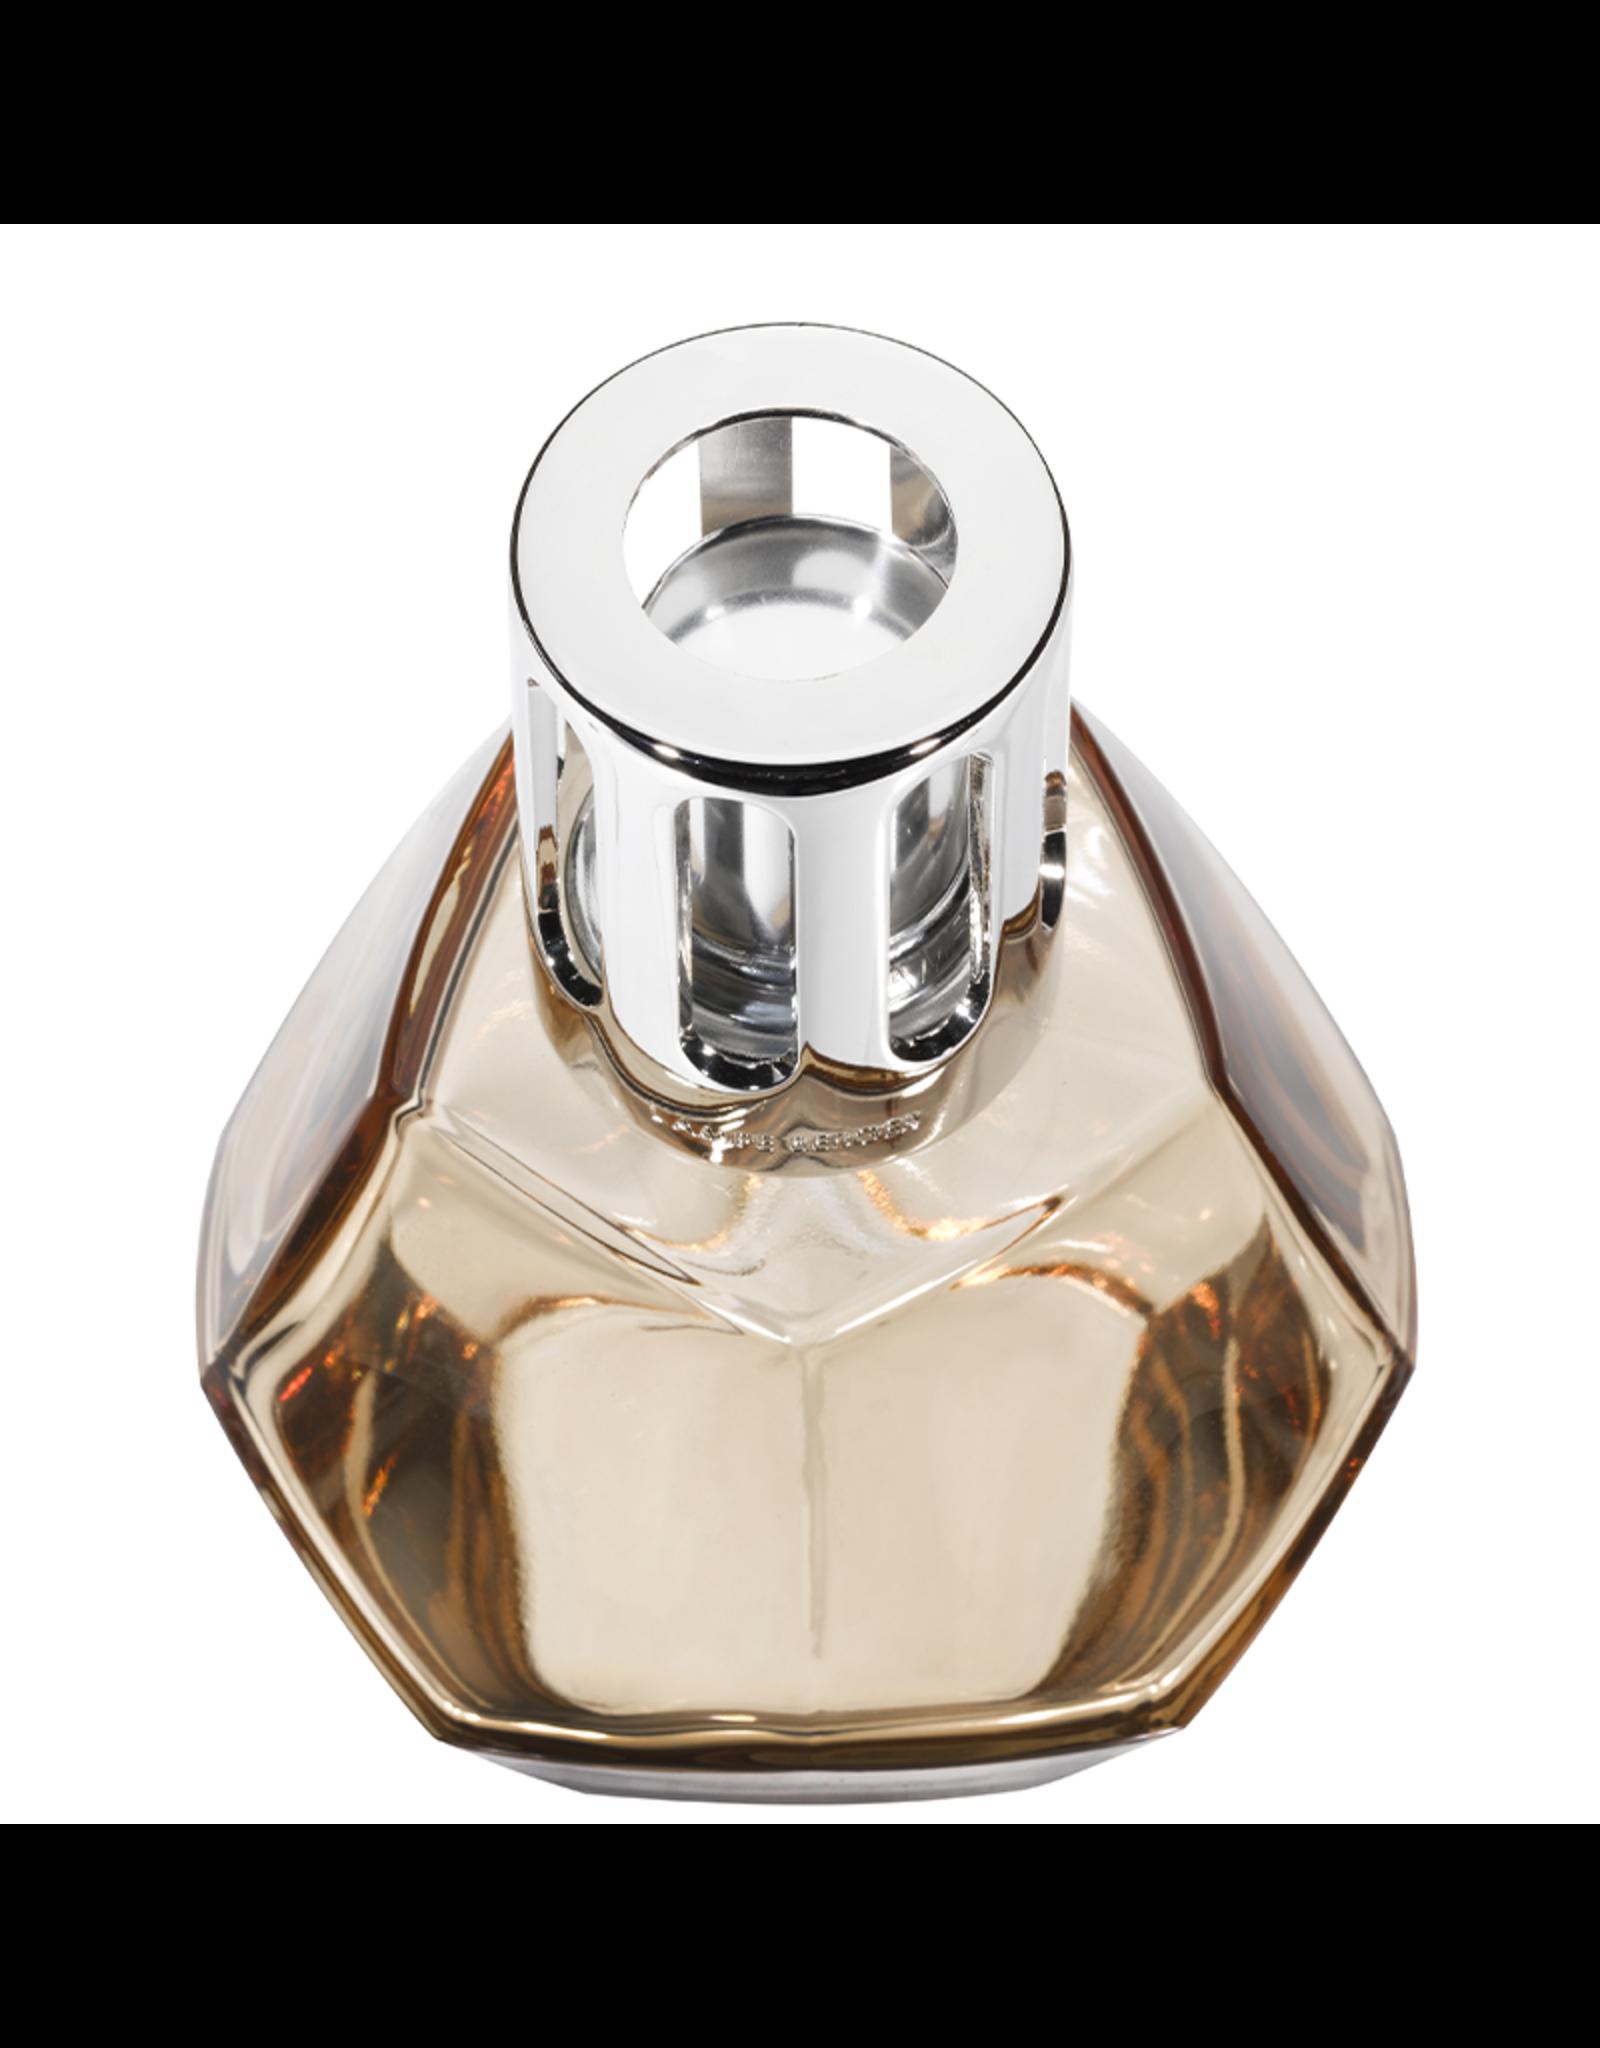 Lampe Berger Geurbrander Giftbox - Geometry Honing